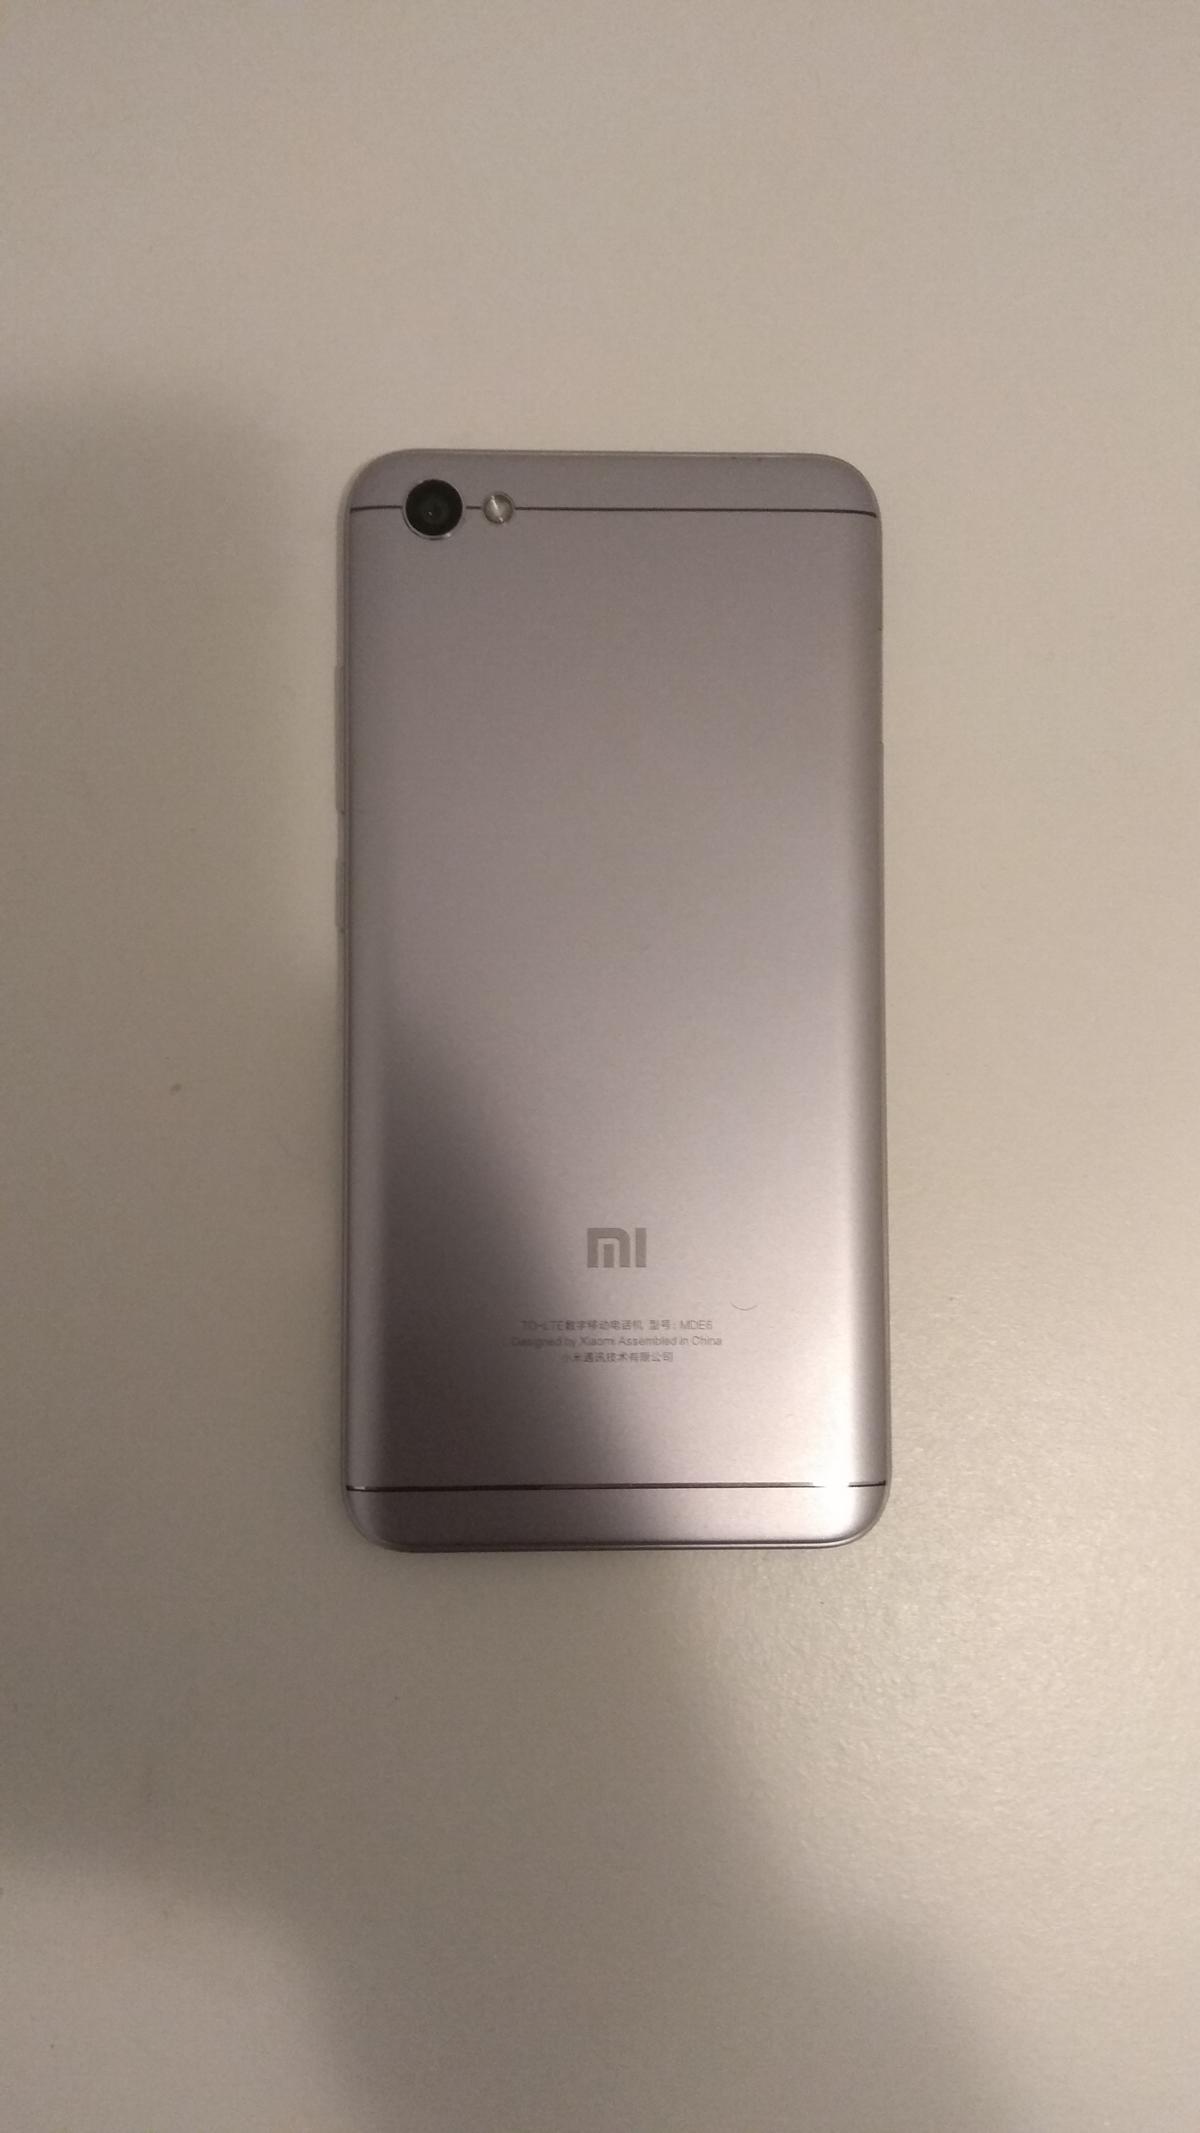 Test Xiaomi Redmi Note 5a Der Bruder Des 4x Im Review Xiomi Das Gibt Es In Verschiedenen Farben Mein Testgert Ist Grau Geliefert Worden Auf Den Ersten Blick Sieht So Aus